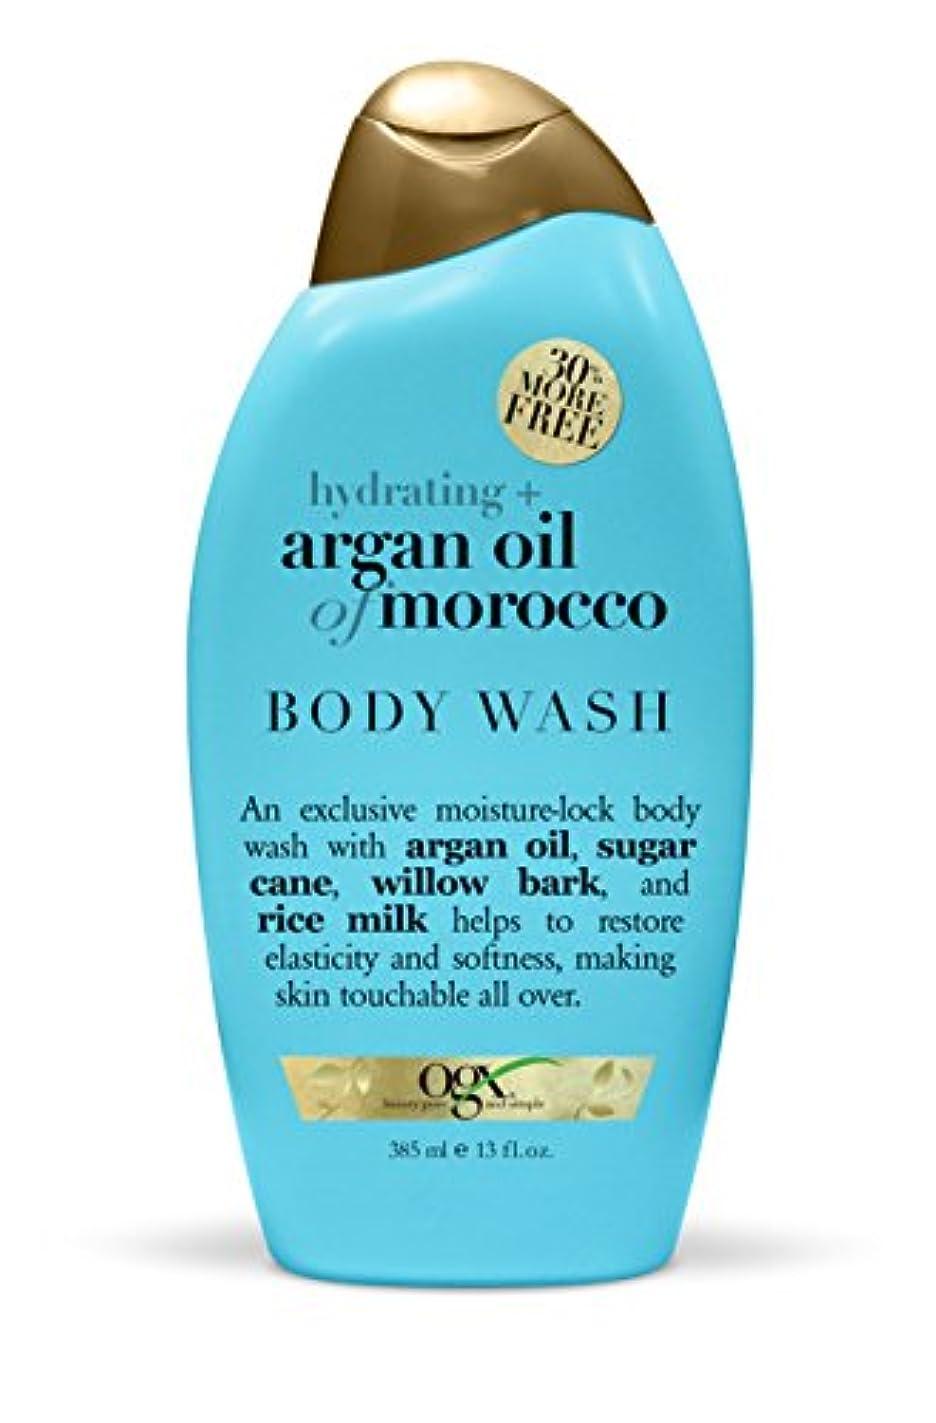 半導体数学蚊Organix Body Wash Moroccan Argan Oil 385 ml (Hydrating) (並行輸入品)